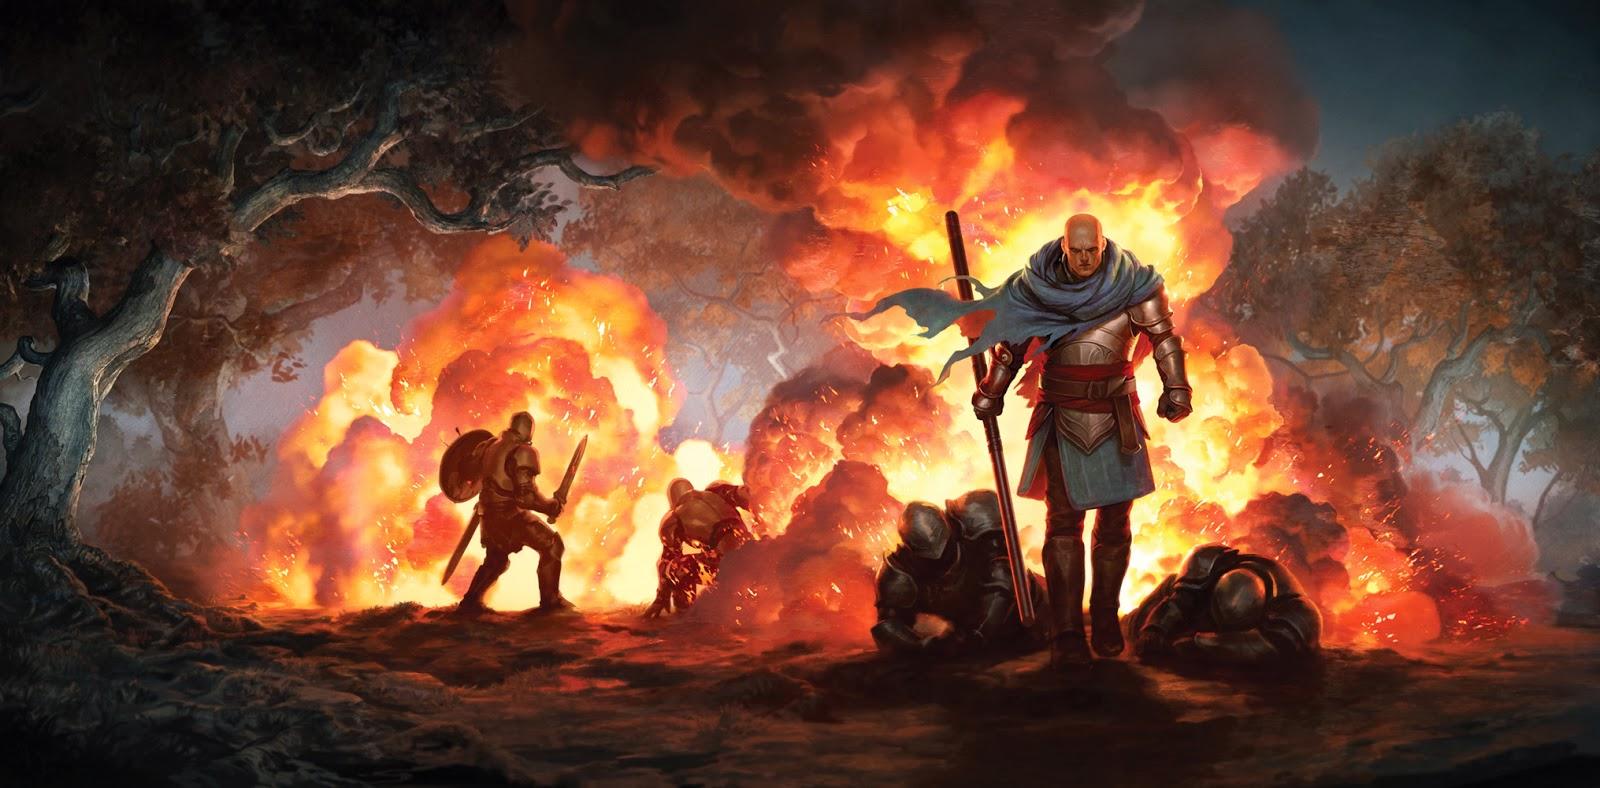 Огнём и мечом: иллюстрации Джейсона Чена (12 фото)